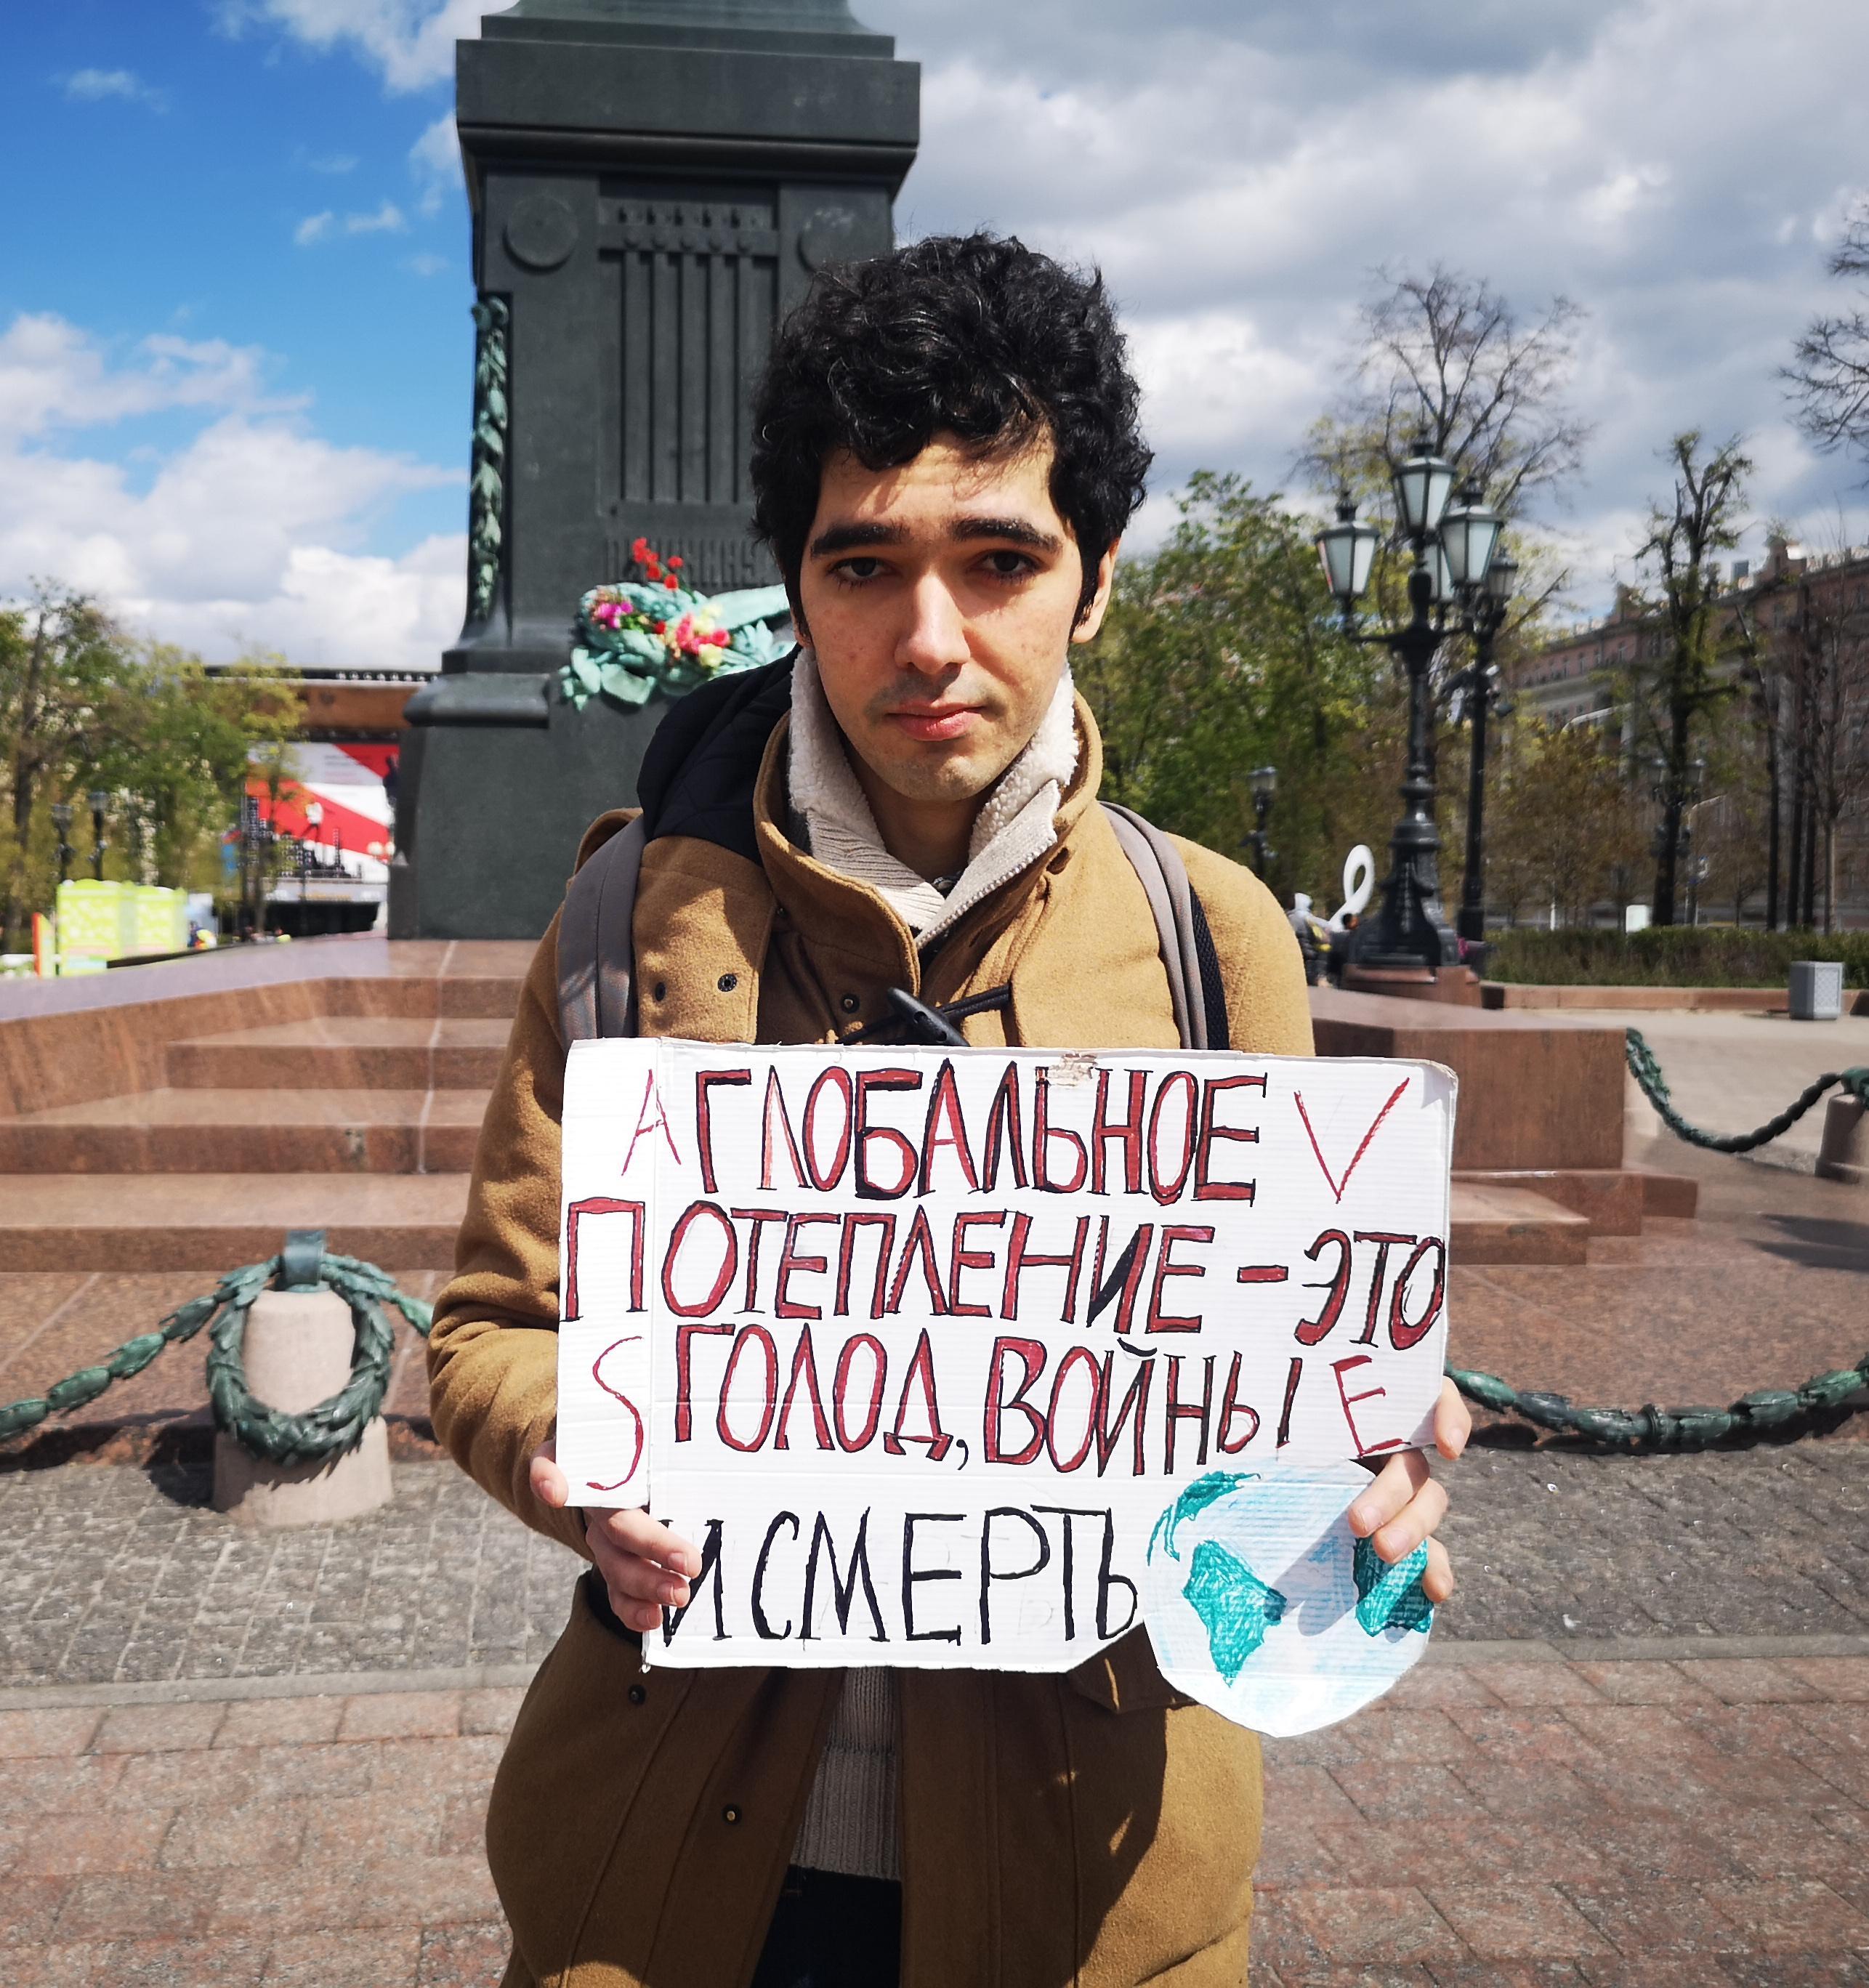 Как активист Аршак Макичян проводит одиночные пикеты против изменения климата